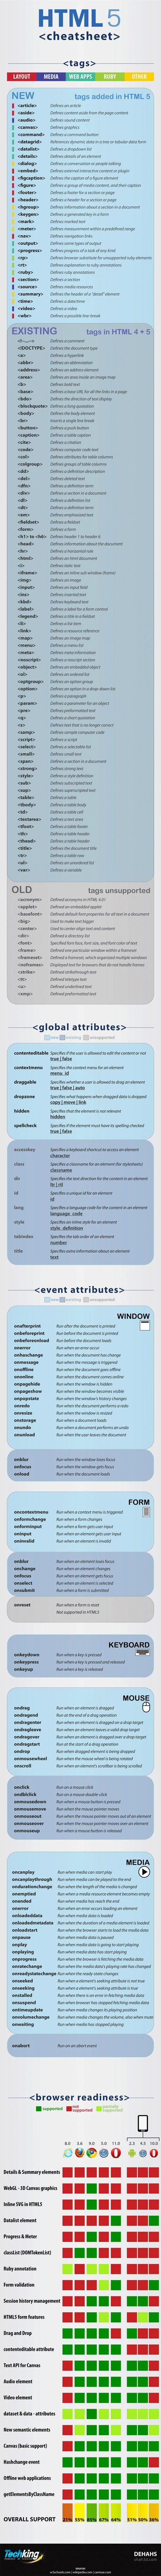 HTML5 Cheat Sheet in JPEG info-grpahic